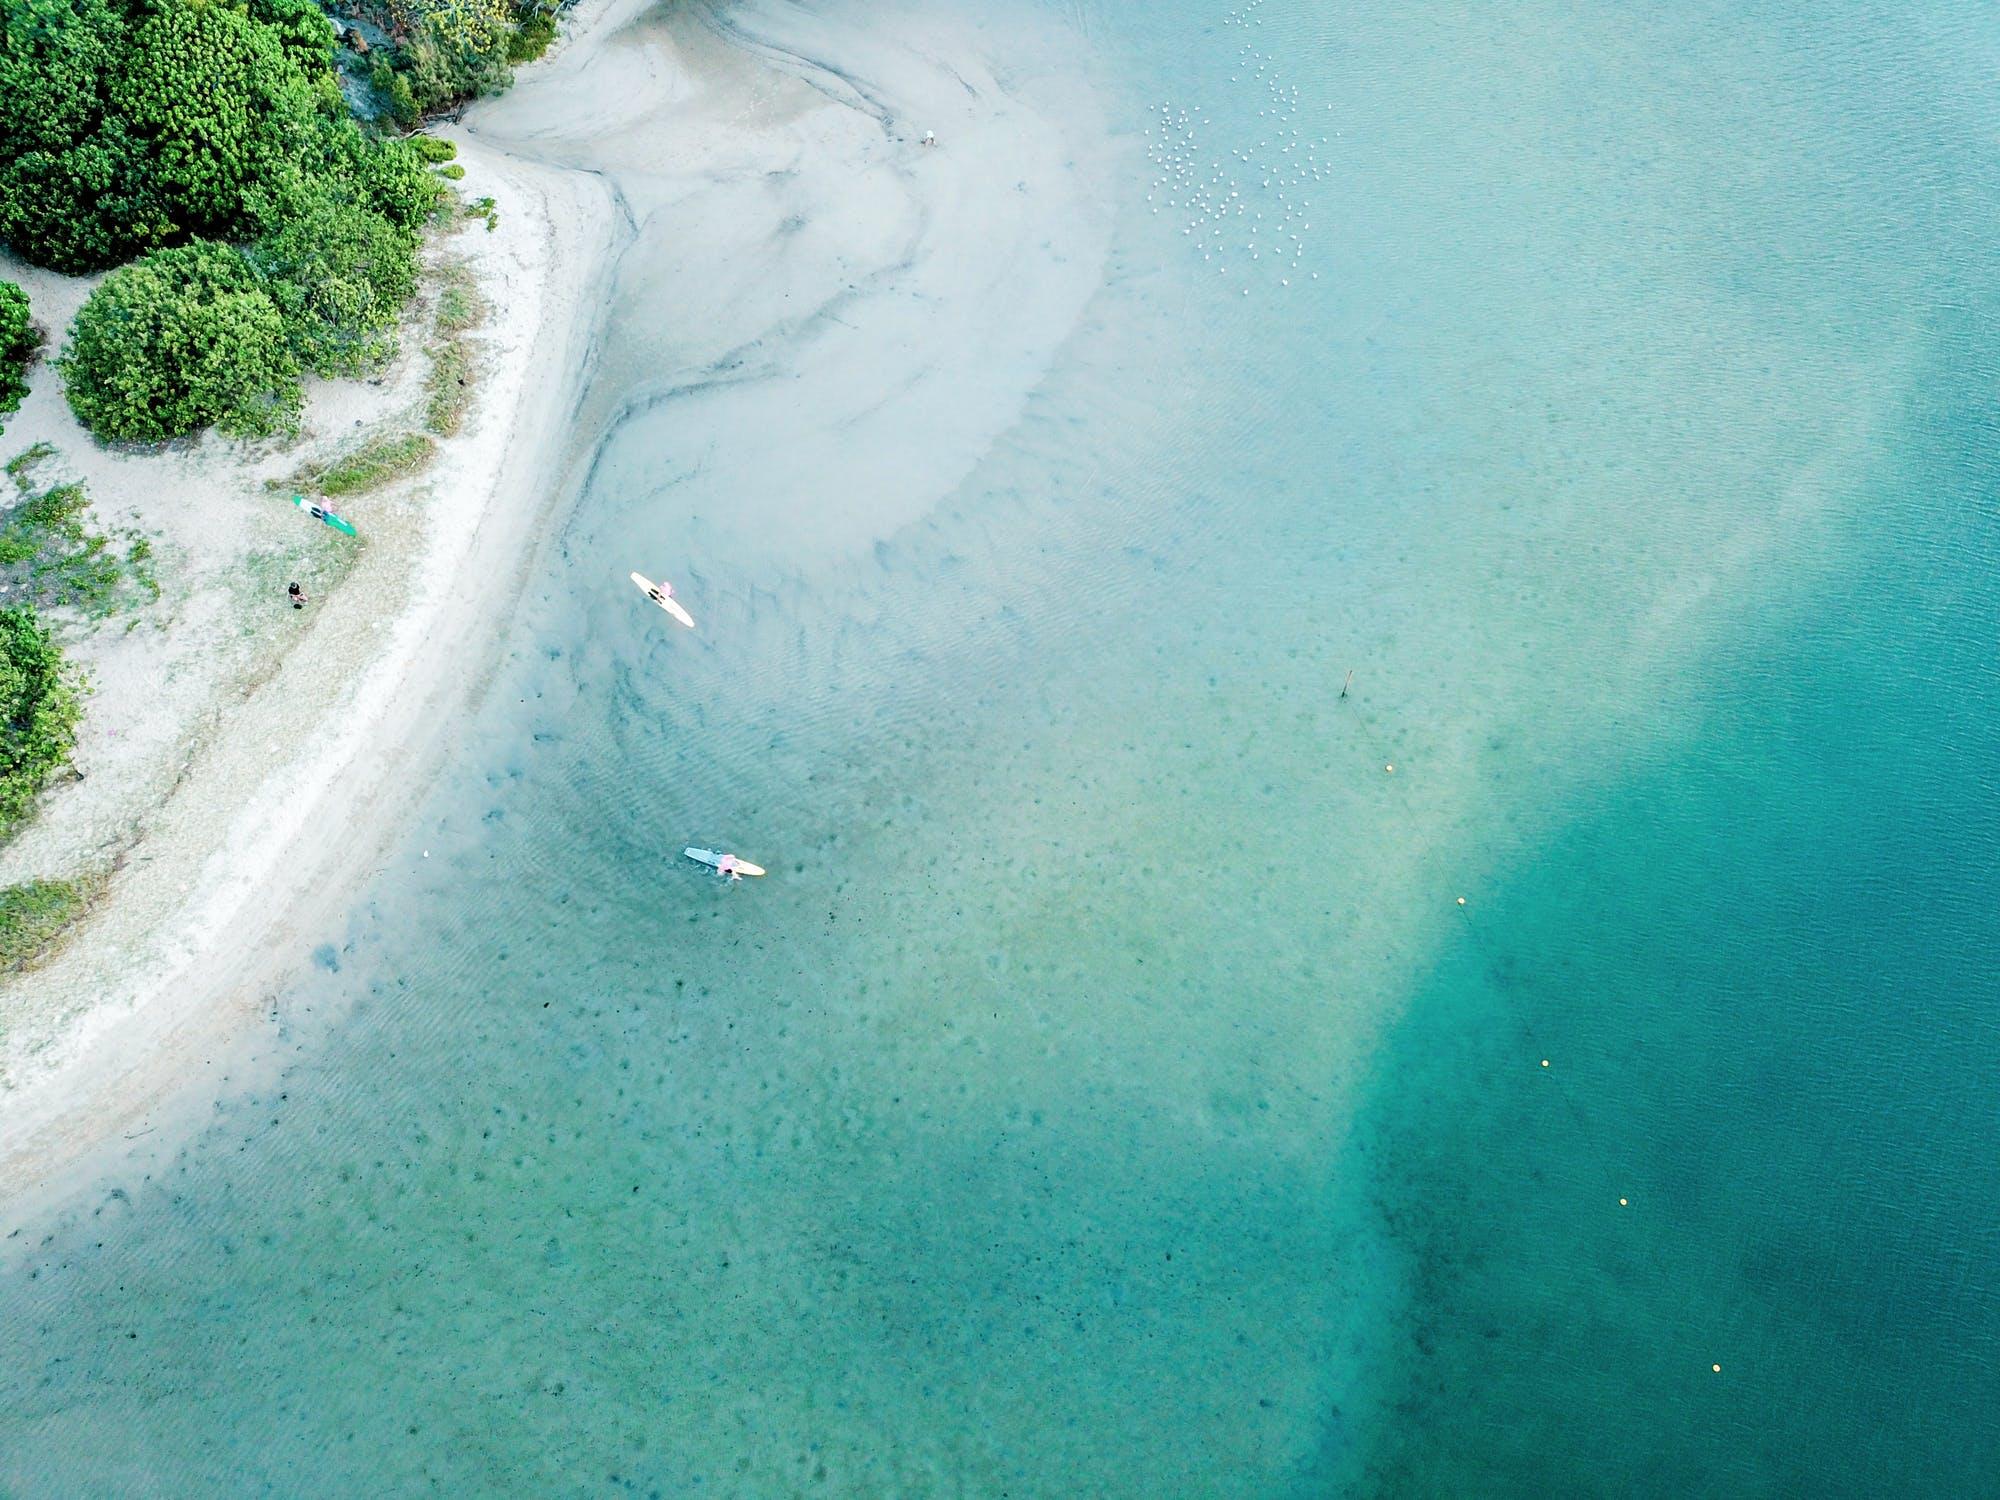 ไปทะเลแล้วทำไมถึงรู้สึกดี